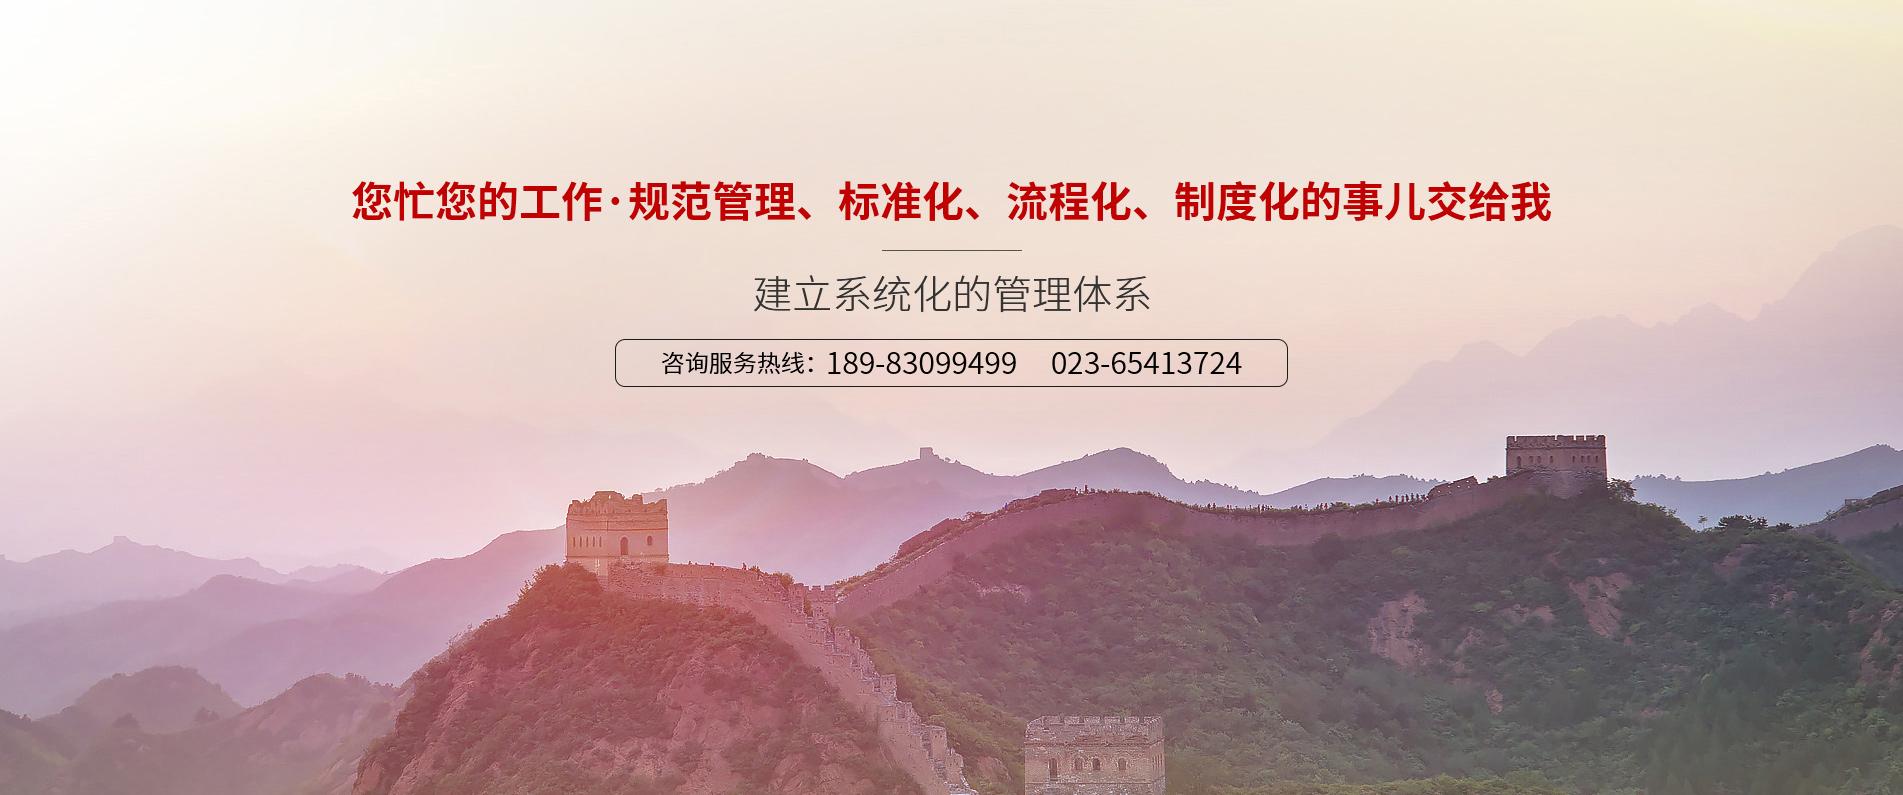 重庆两化融合咨询